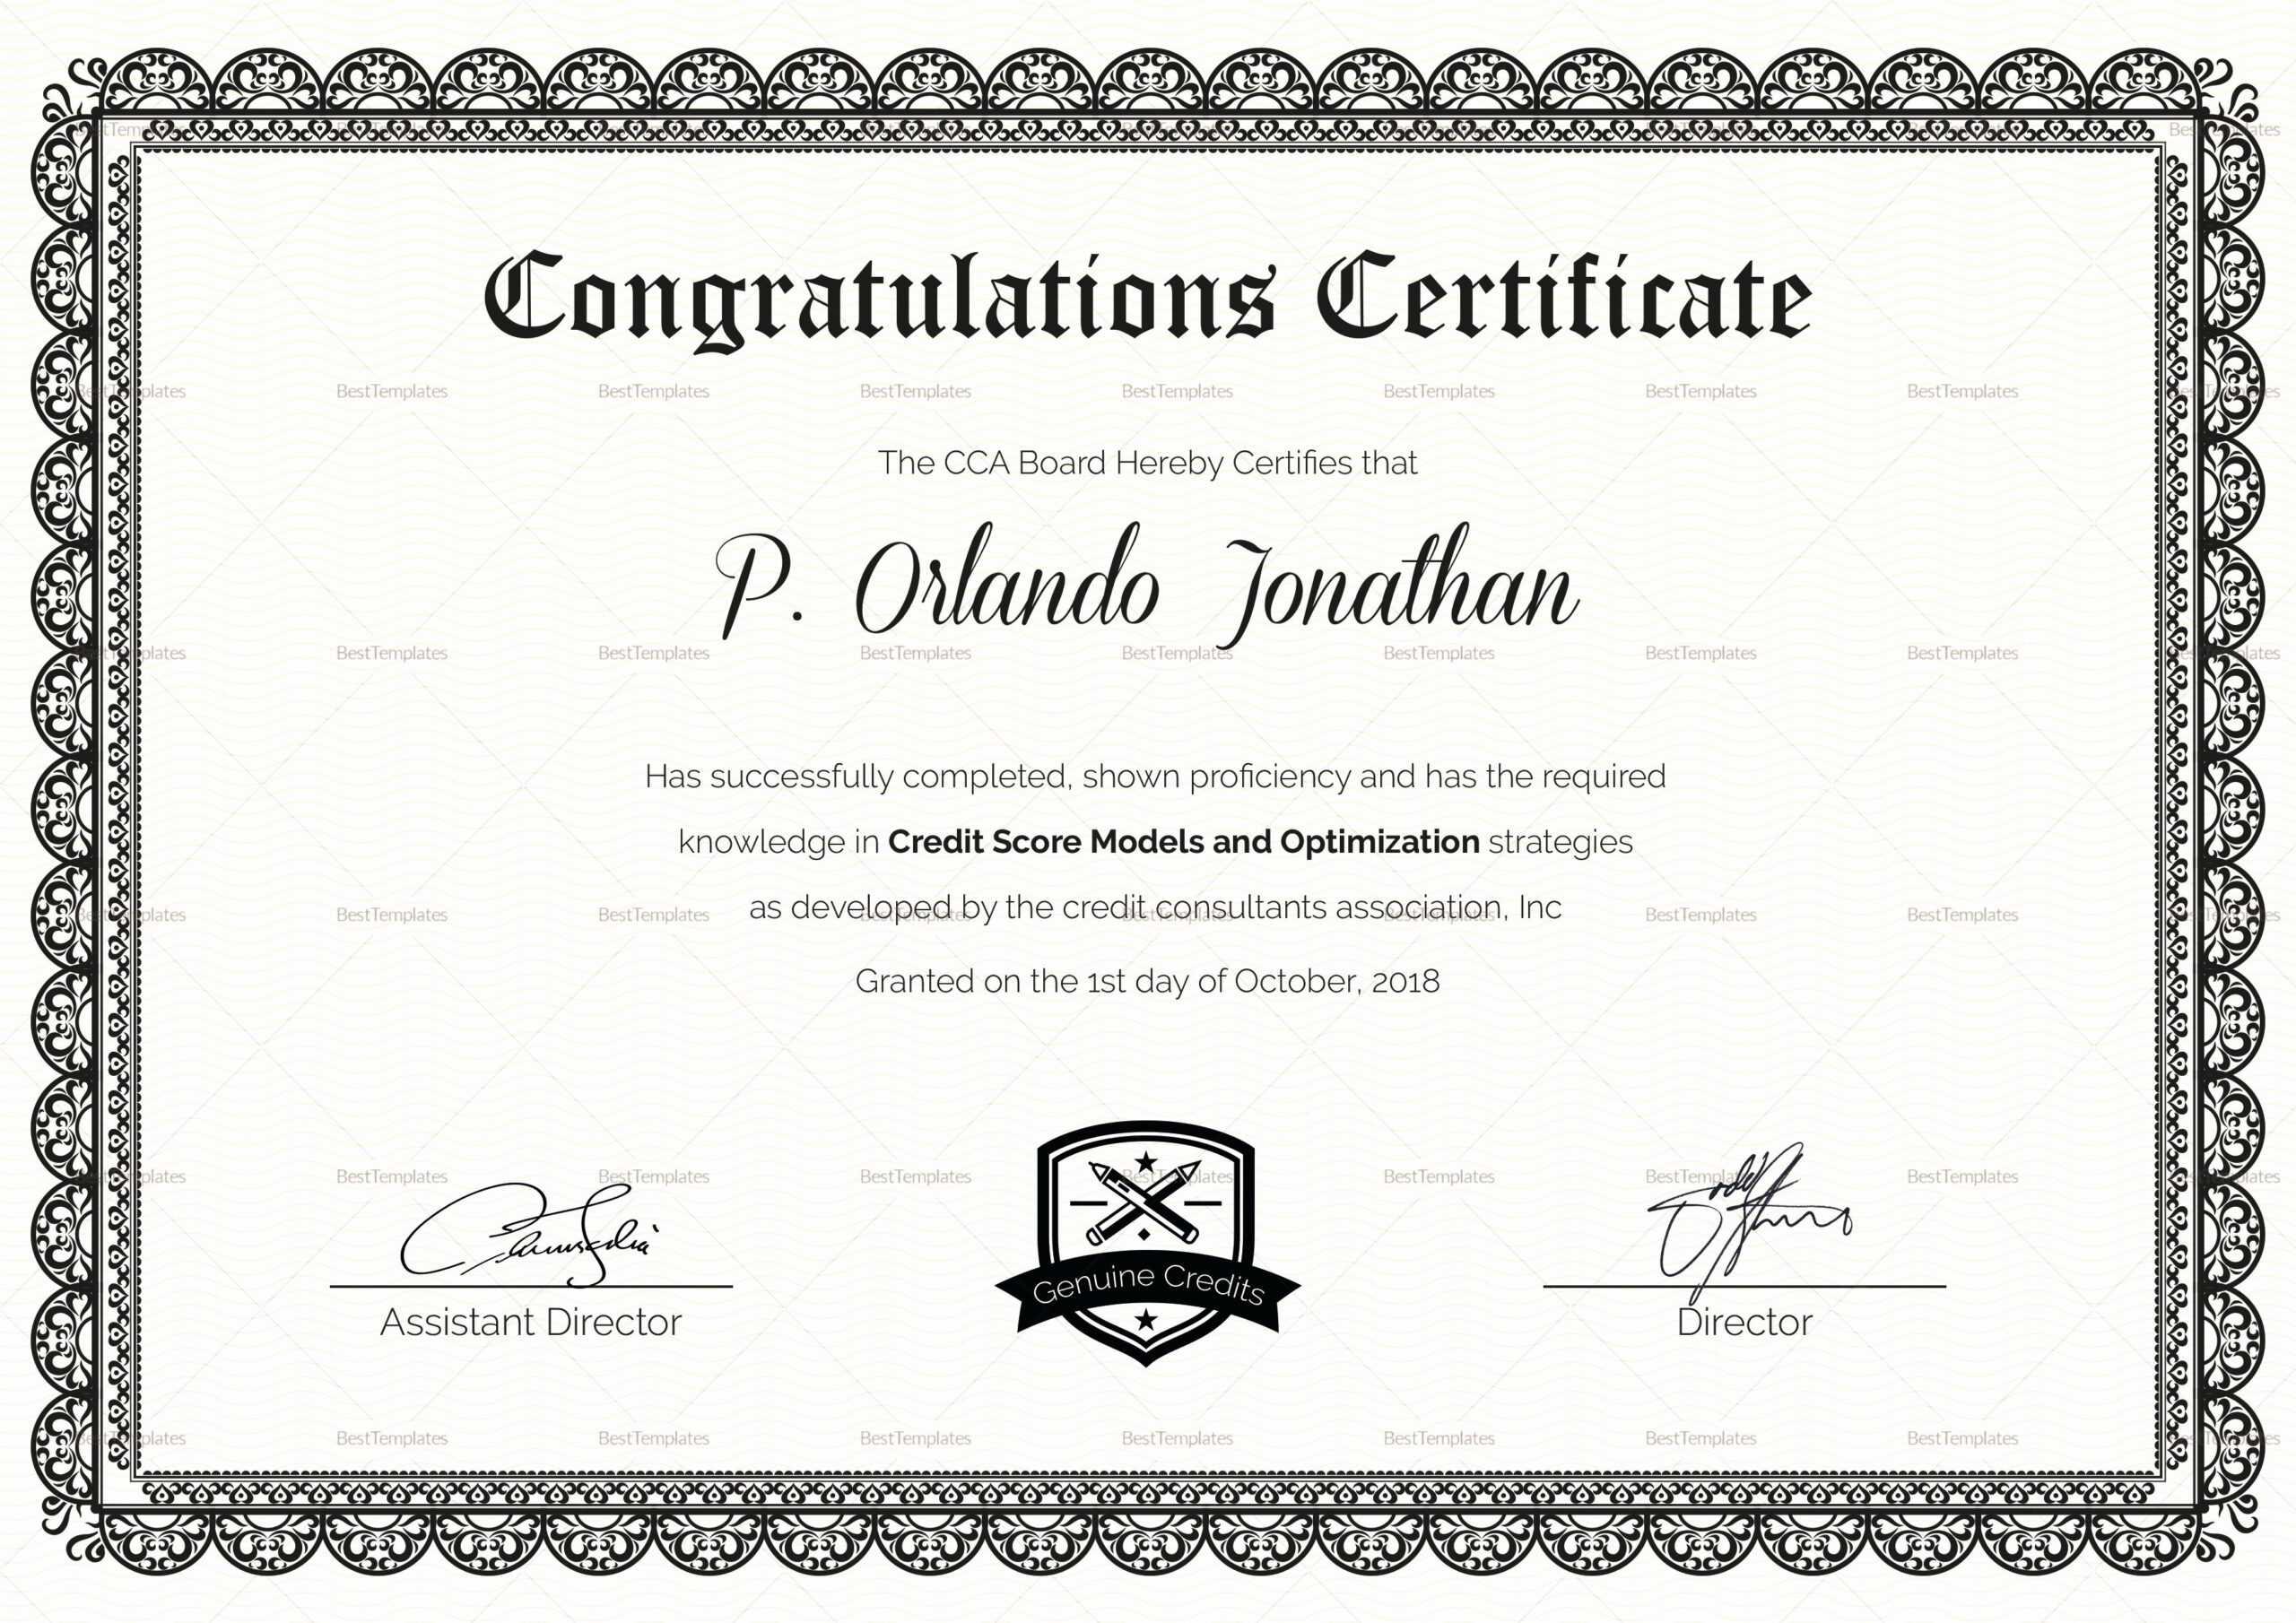 Fcd5C70 Congratulations Certificate Template | Wiring Resources Inside Congratulations Certificate Word Template